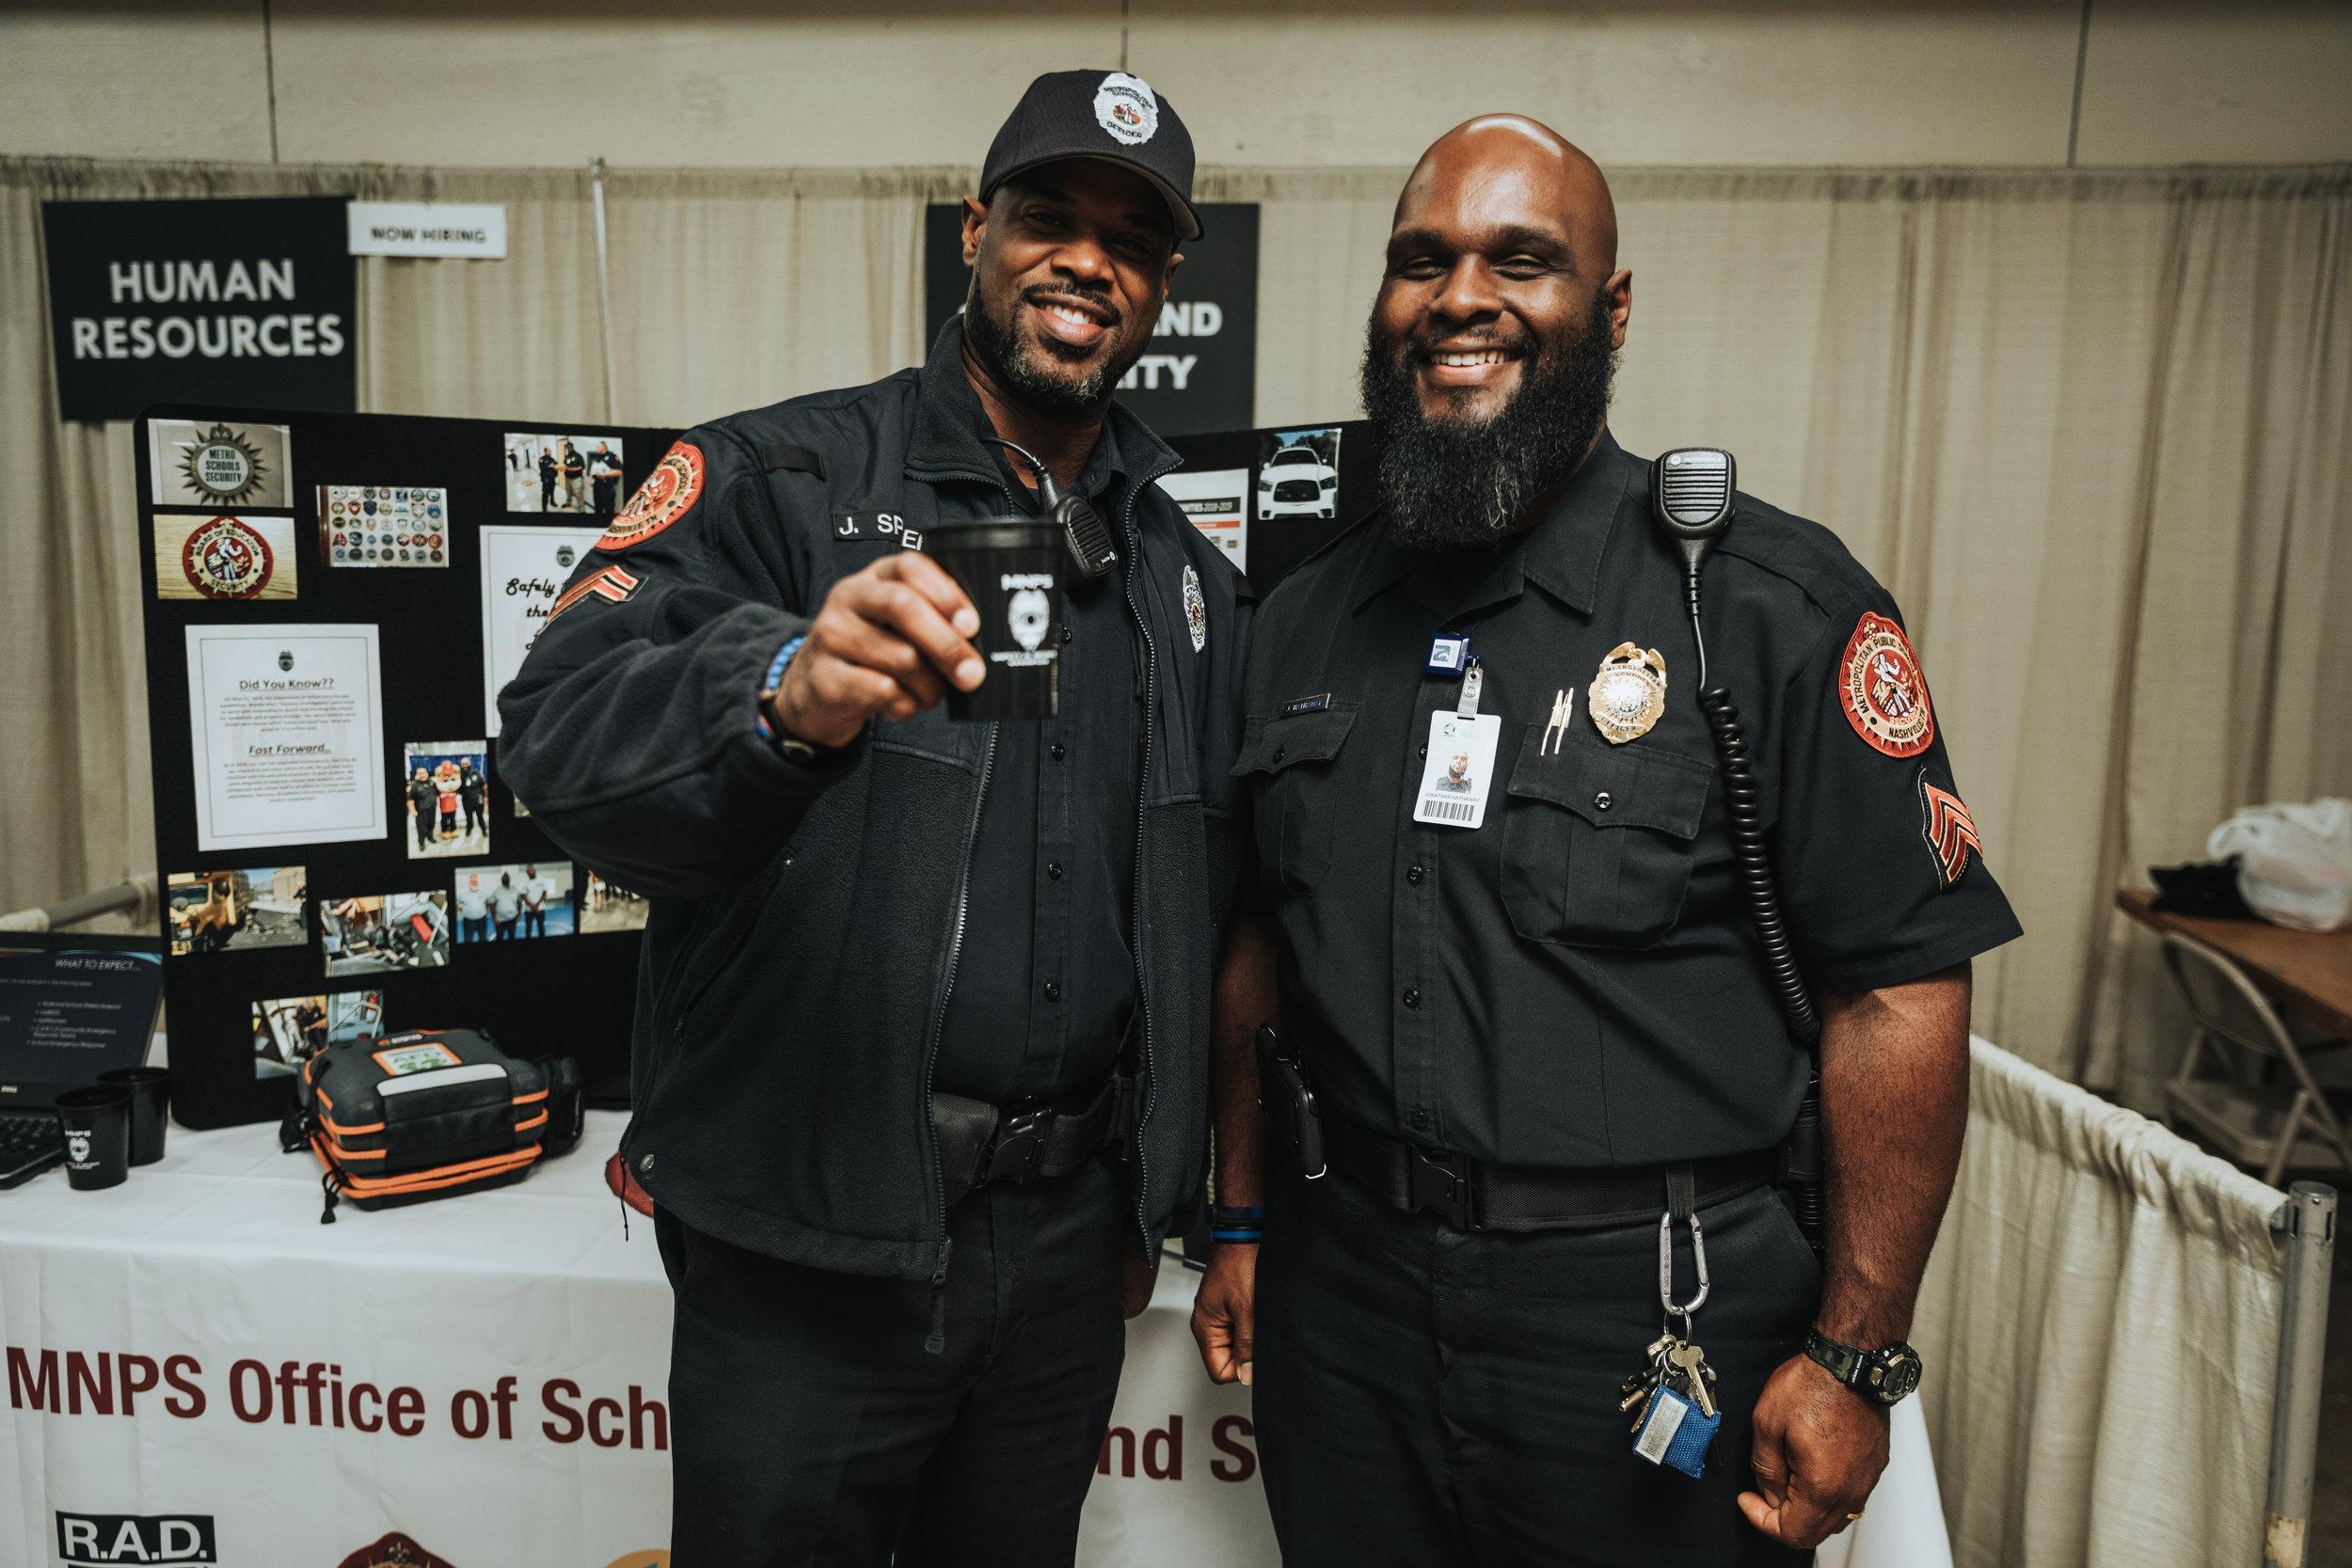 MNPS School Security